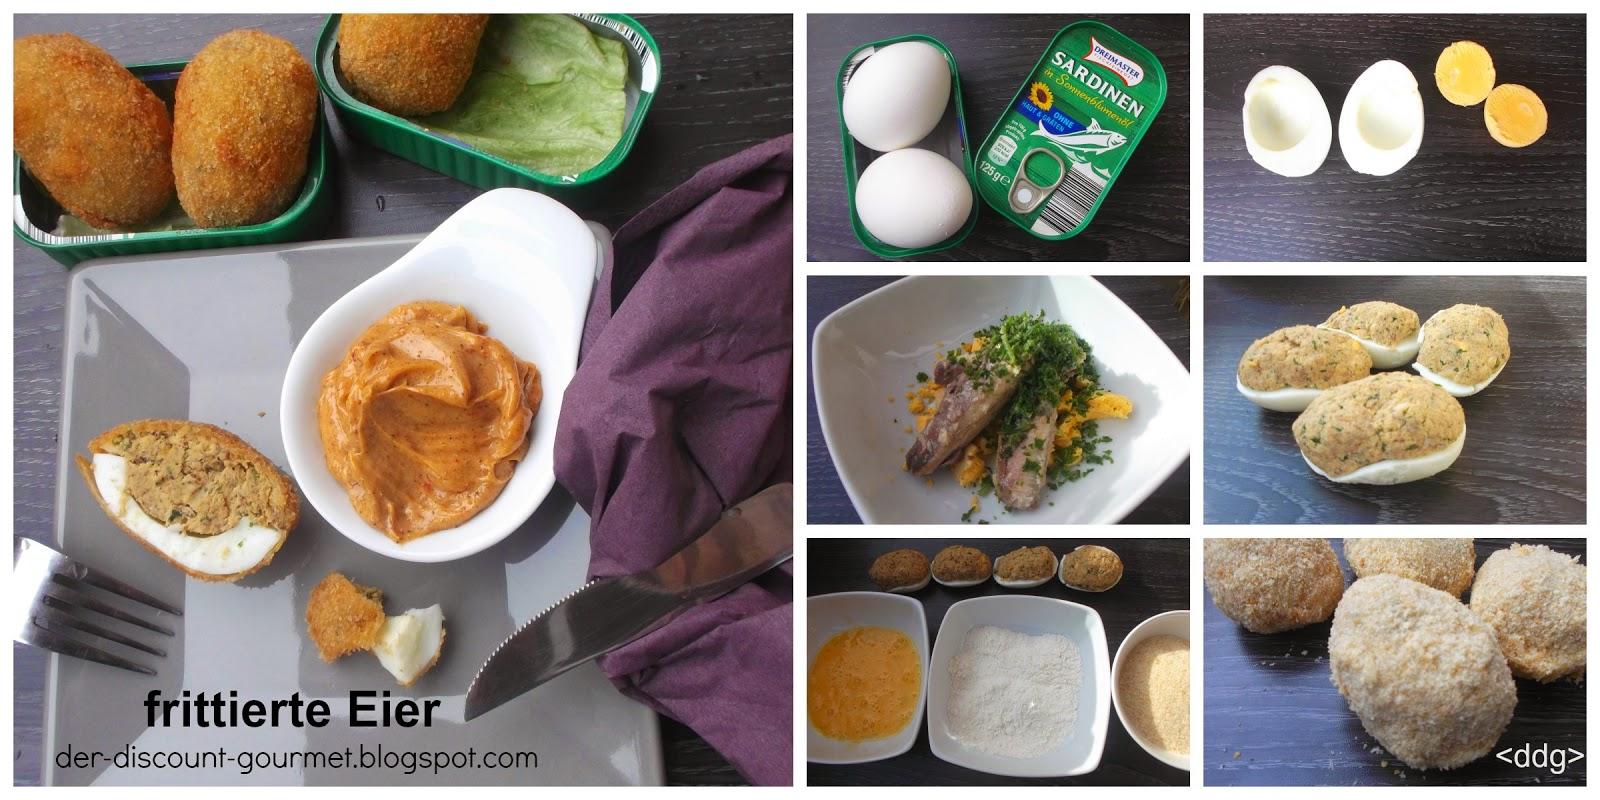 Der discount gourmet frittierte eier mit cremigem chili dip - Eier hart kochen ...